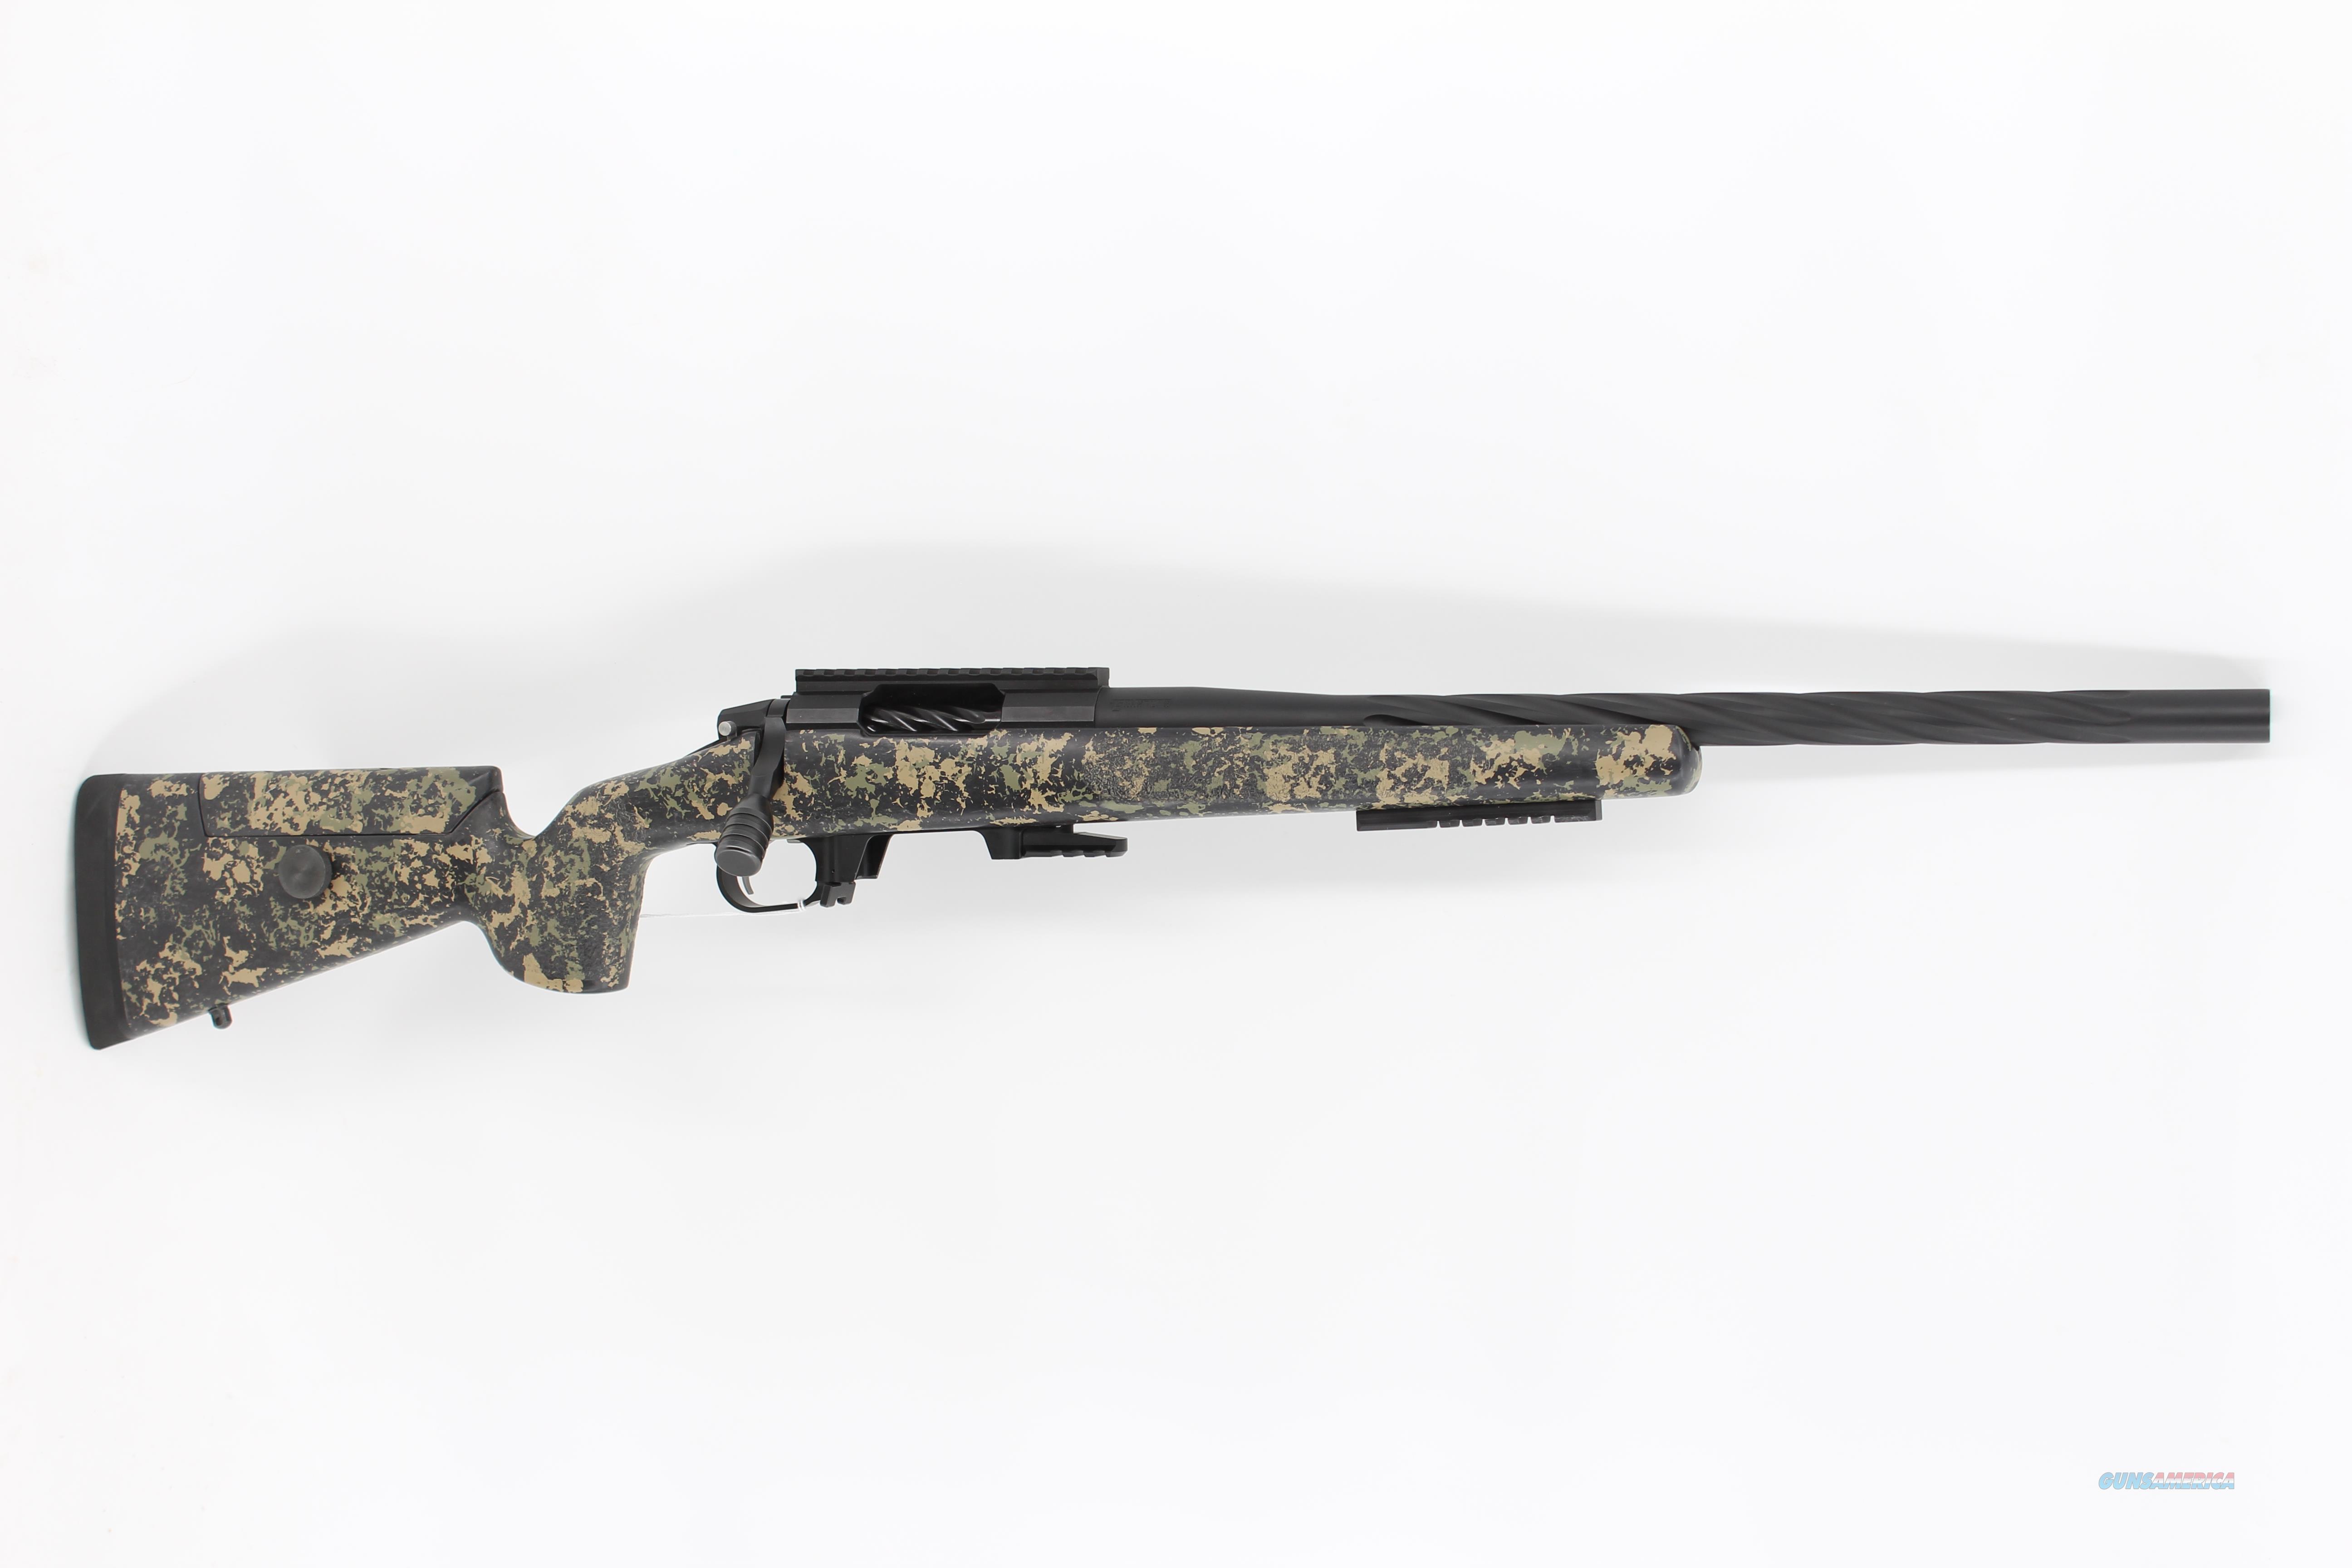 Used LonePeak Fuzion TS Customs 223 Wylde Adj McMillan  Guns > Rifles > L Misc Rifles